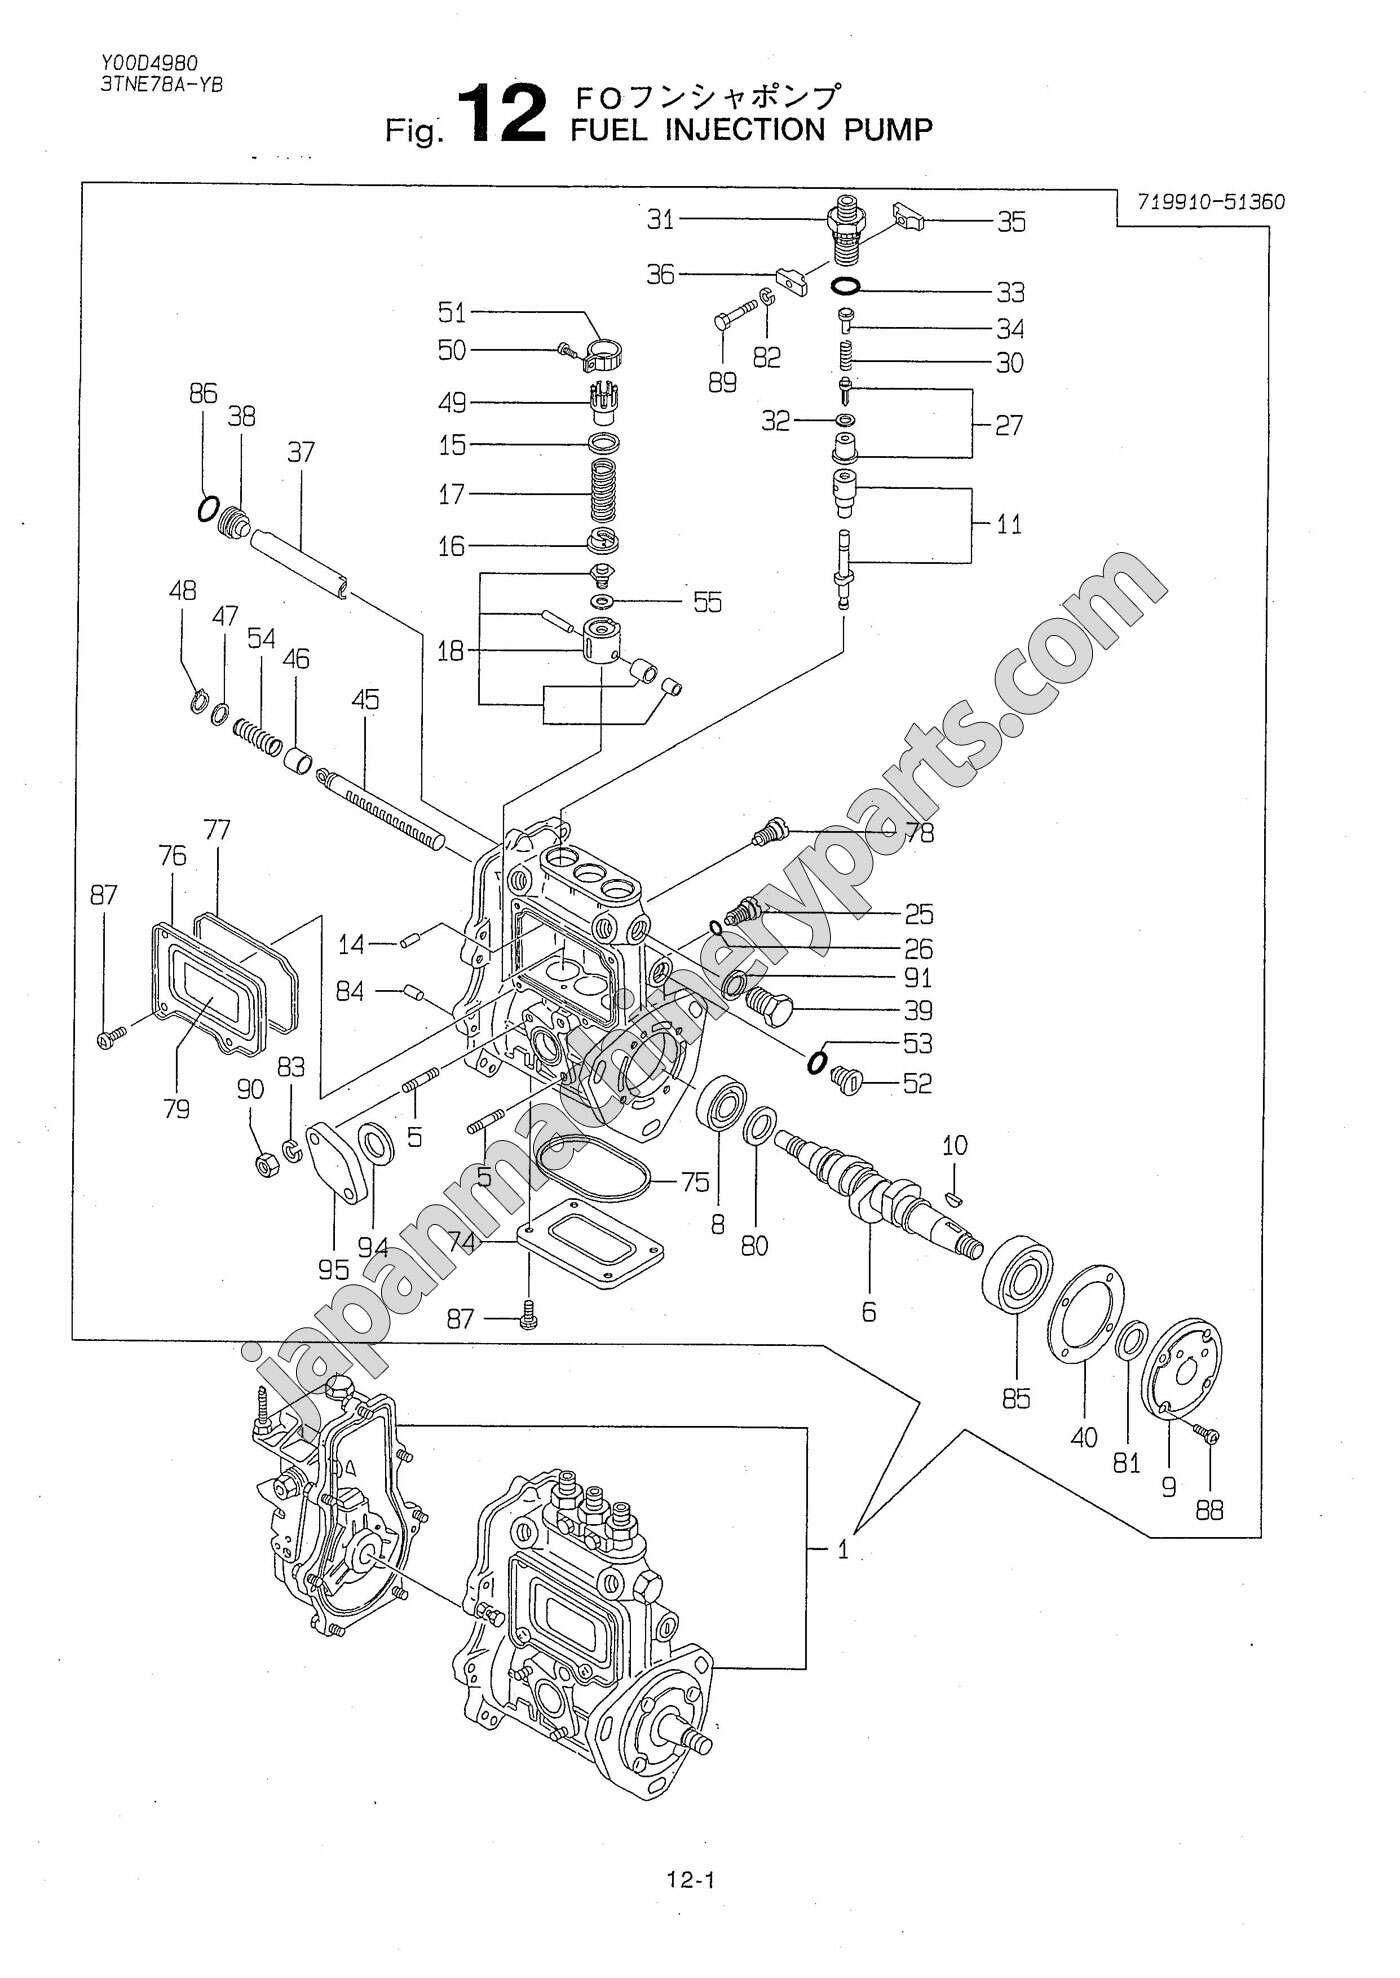 [DIAGRAM] John Deere L100 Wiring Diagram FULL Version HD